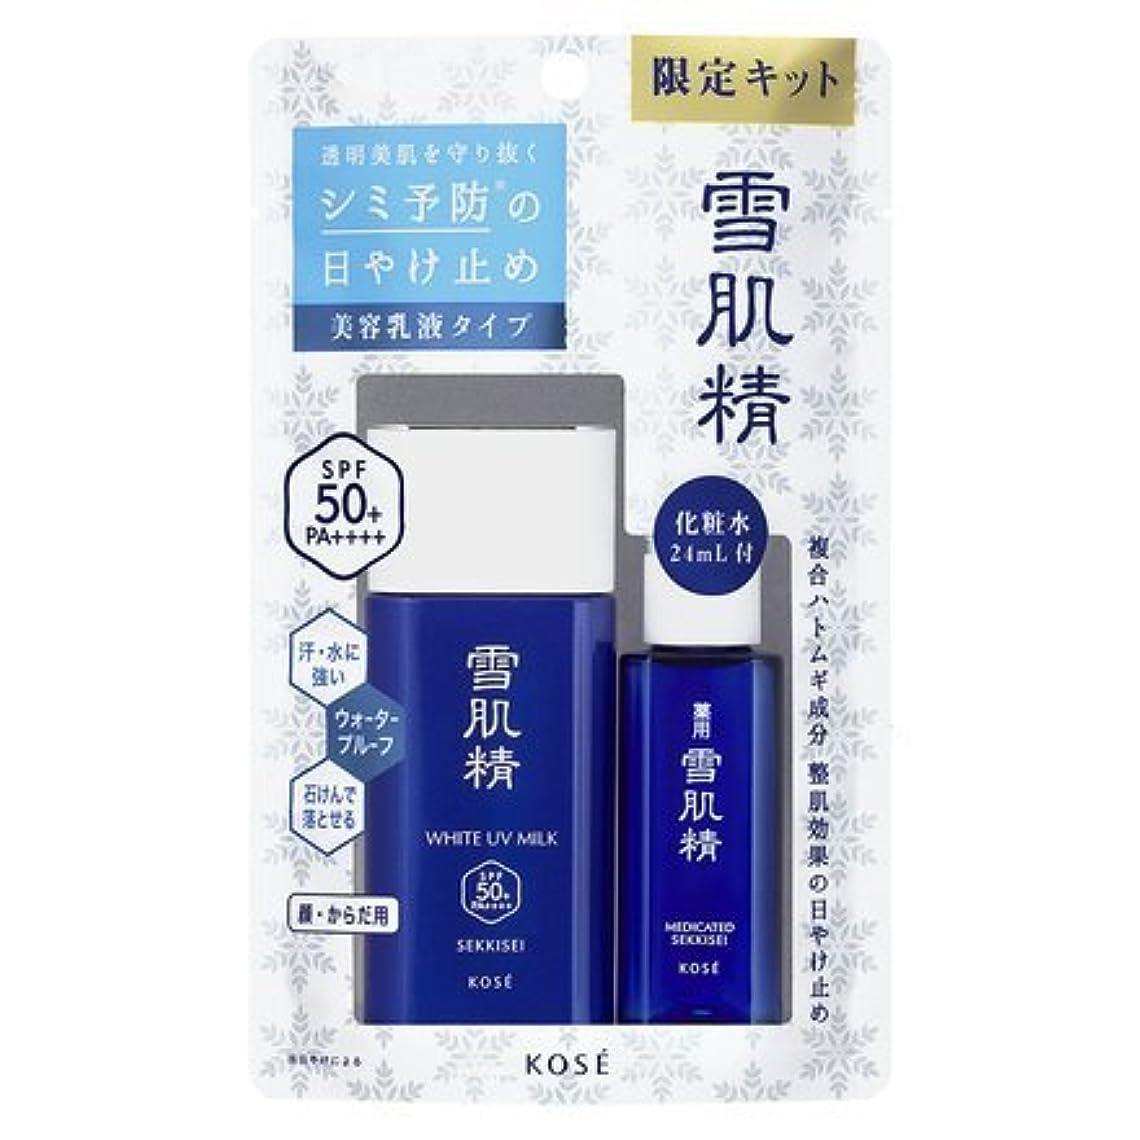 麻痺ラップ酒限定発売 コーセー 雪肌精 ホワイト UV ミルク キット